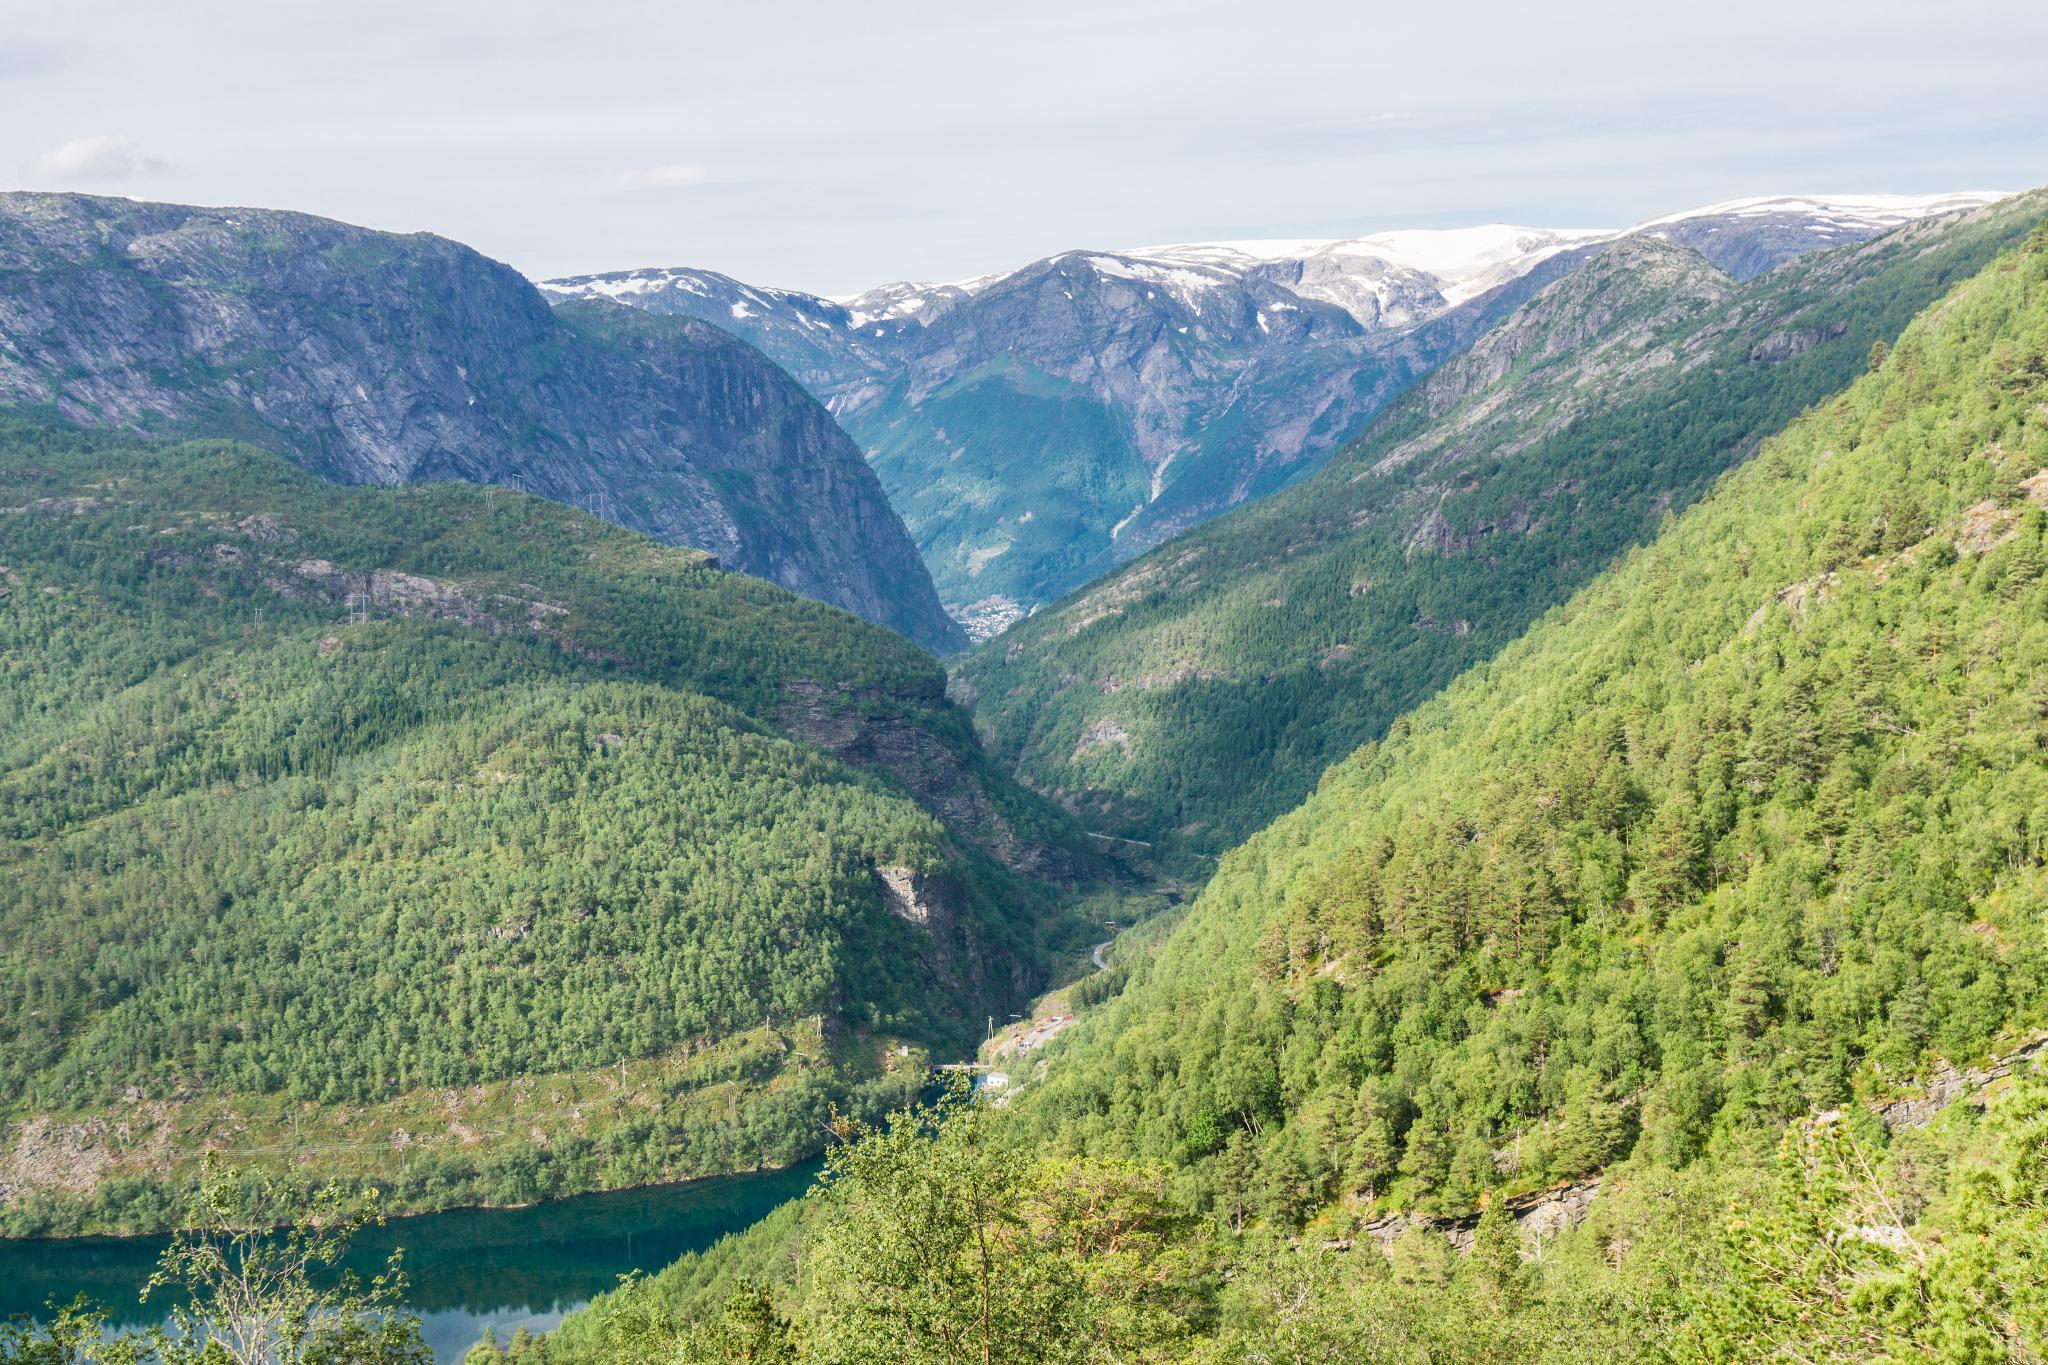 【北歐景點】挪威惡魔之舌 Trolltunga — 28公里健行挑戰全攻略 181